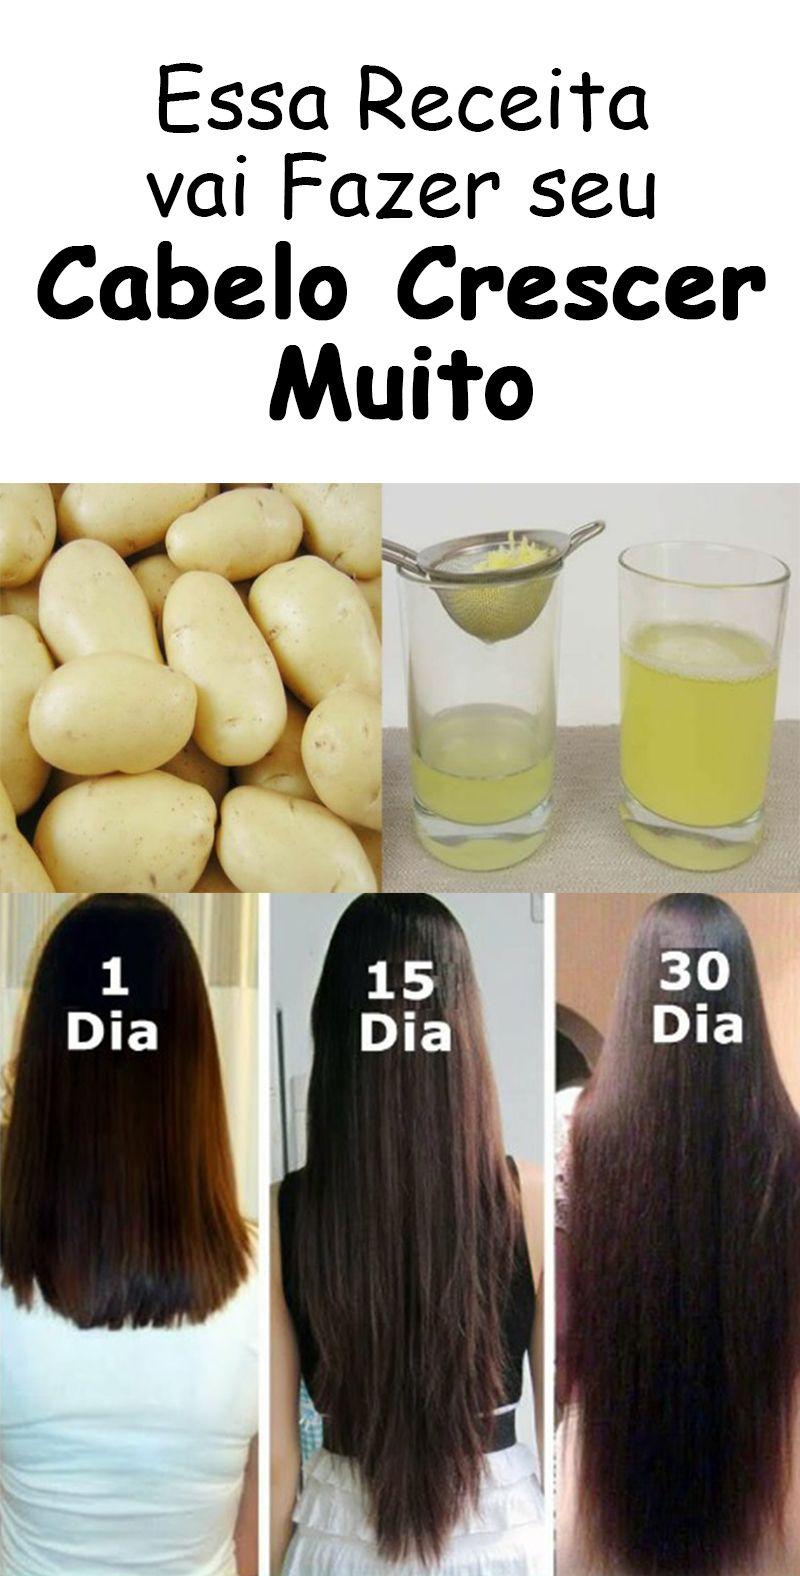 Receita de Suco de Batata Para Fazer o Cabelo Crescer #cabelos